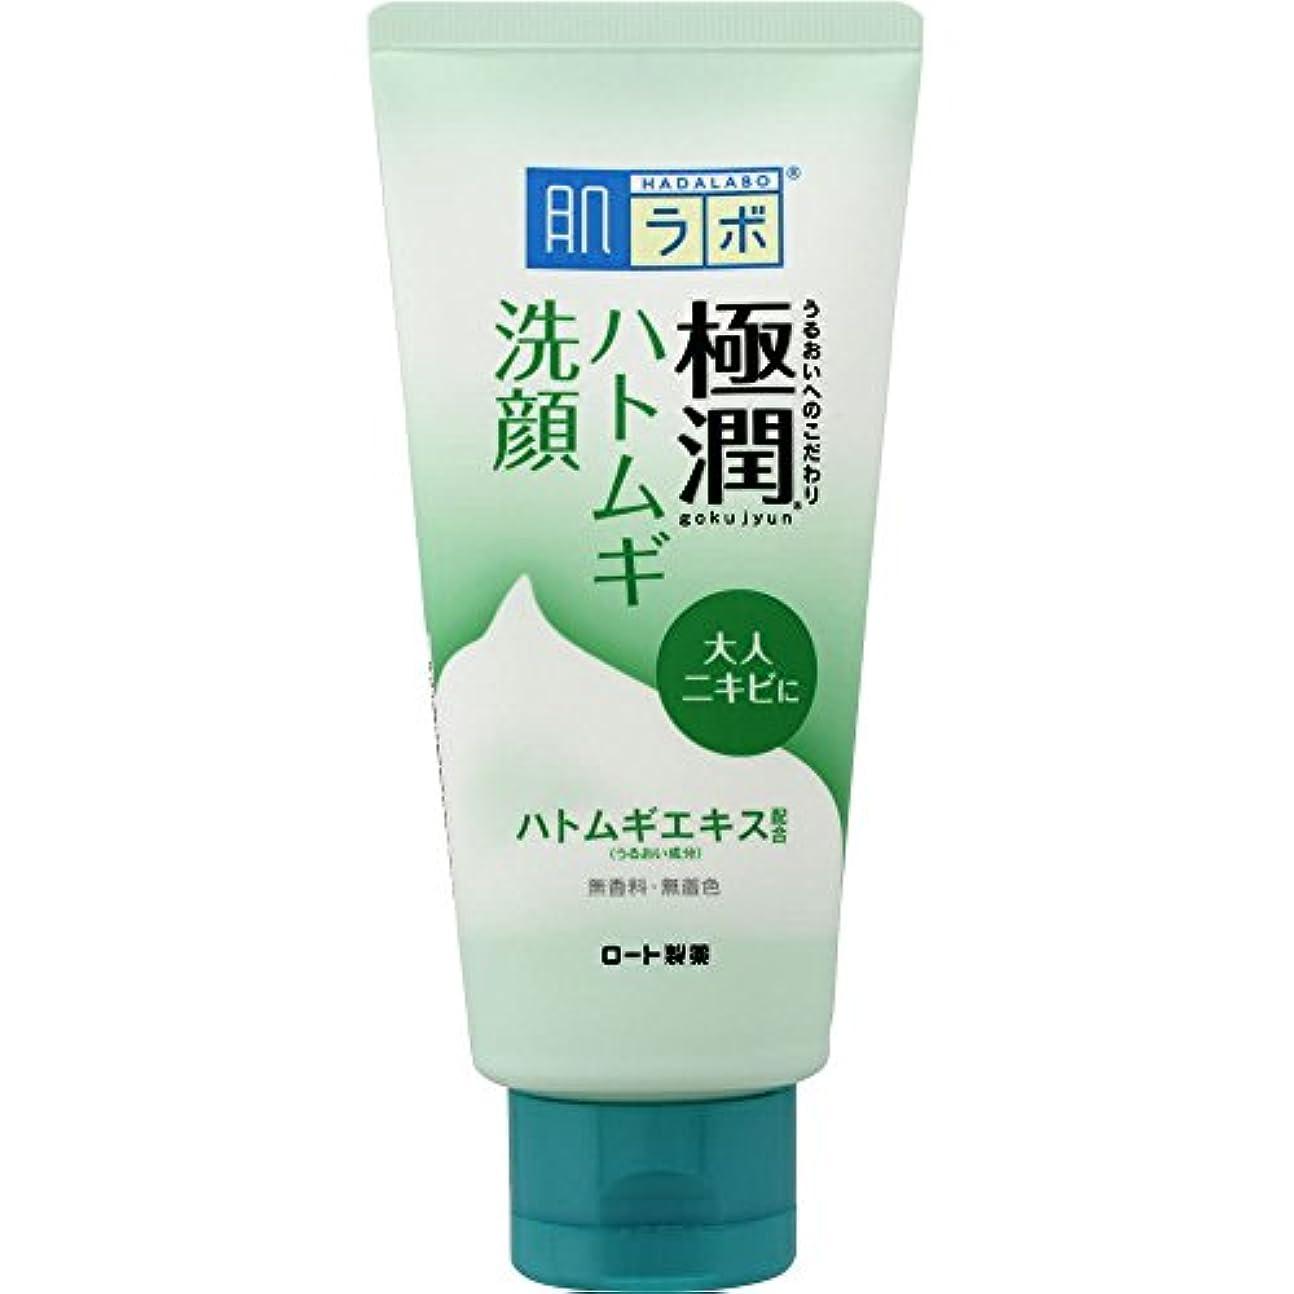 ピクニック芝生自動肌ラボ 極潤 毛穴洗浄 大人ニキビ予防 ハトムギ洗顔フォーム 100g